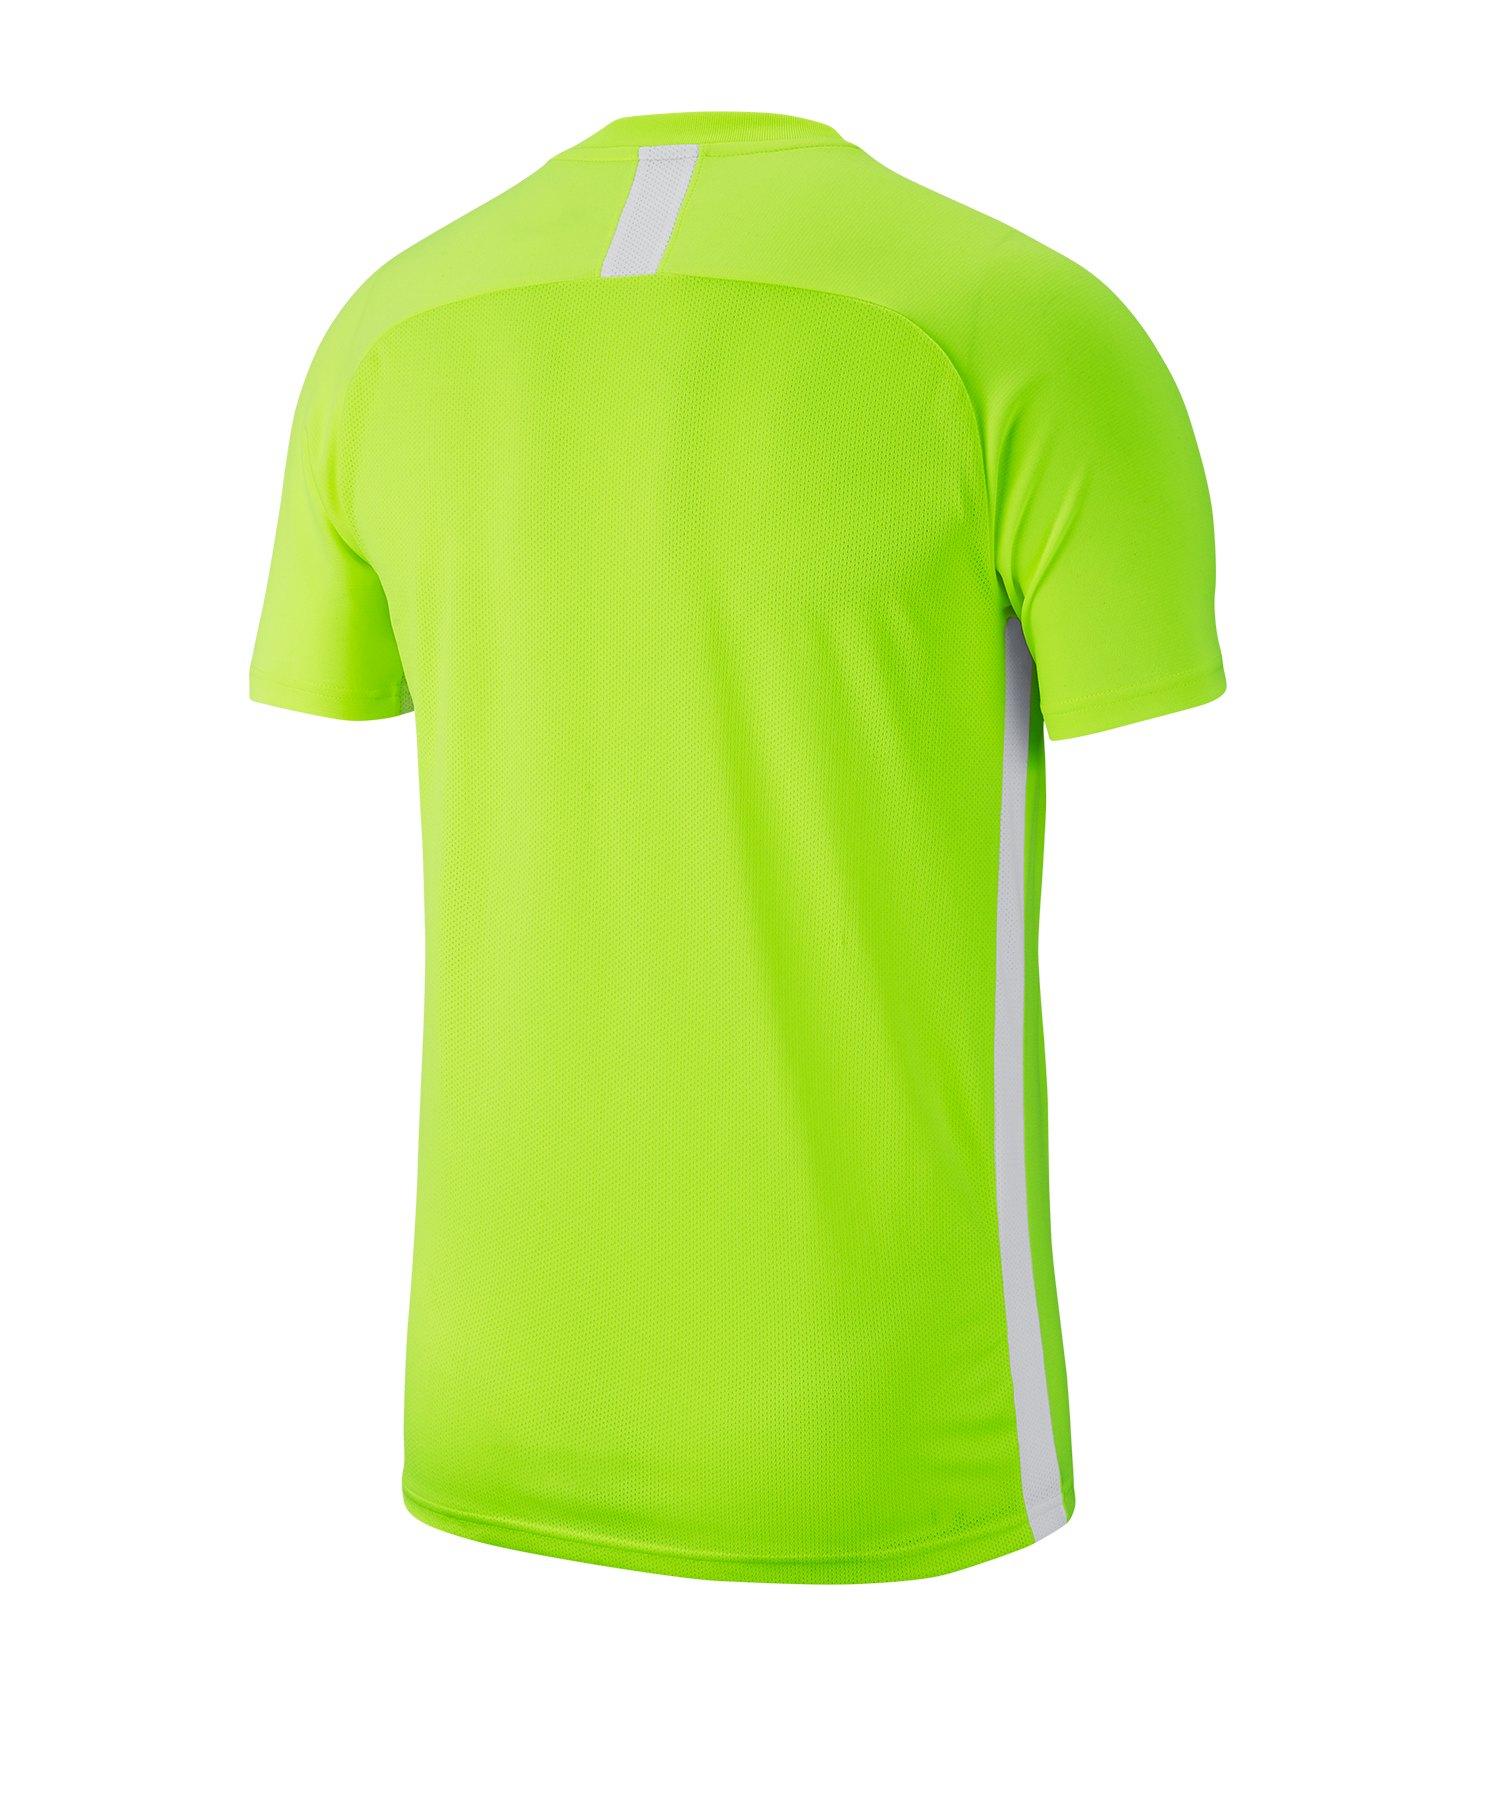 NIKE Academy 19 Dri FIT T Shirt Kinder (010)